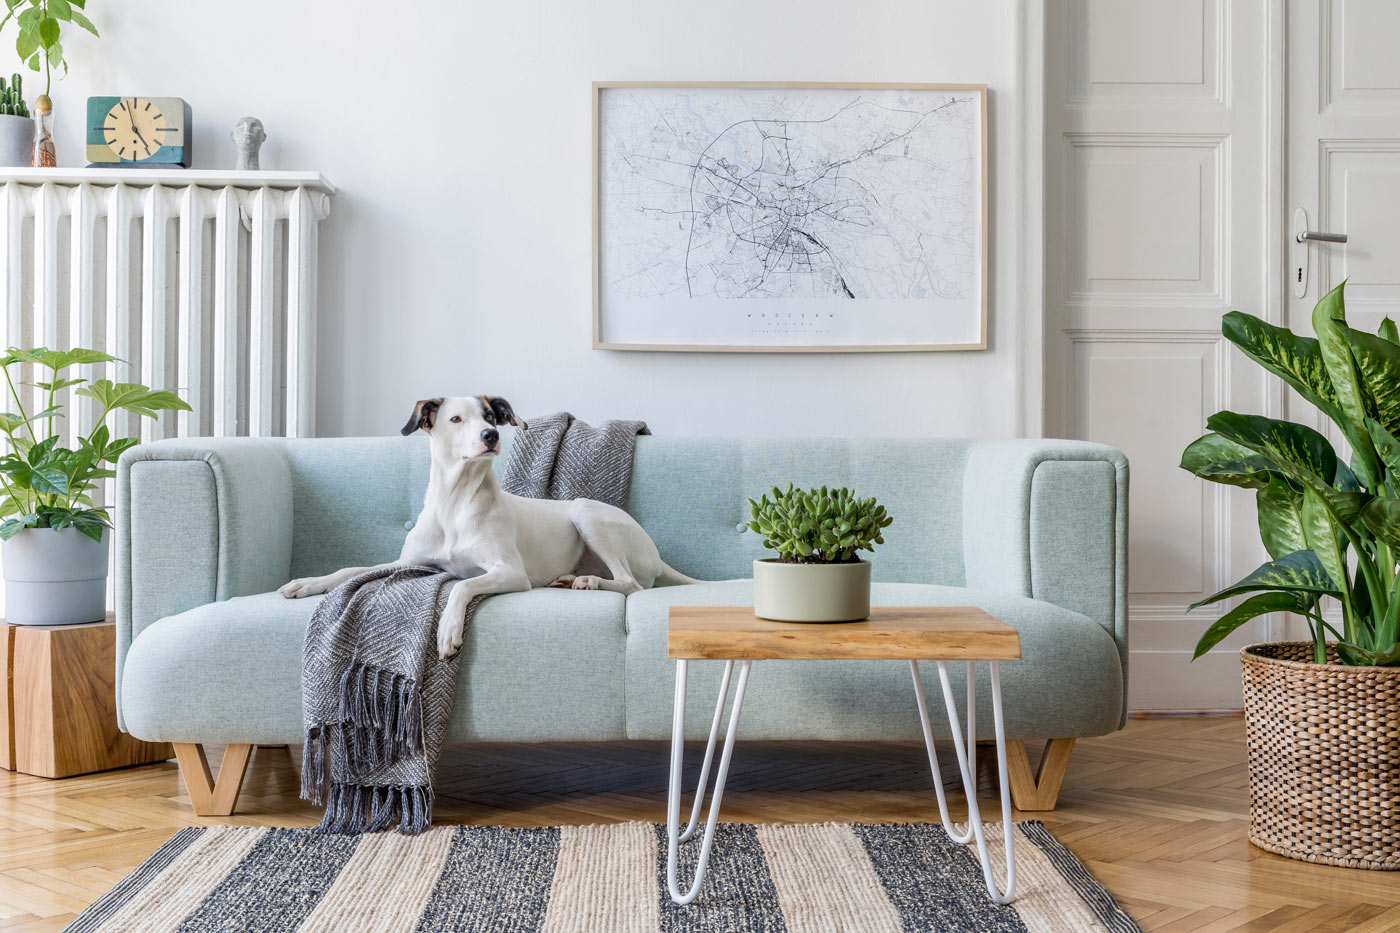 soggiorno in stile scandinavo